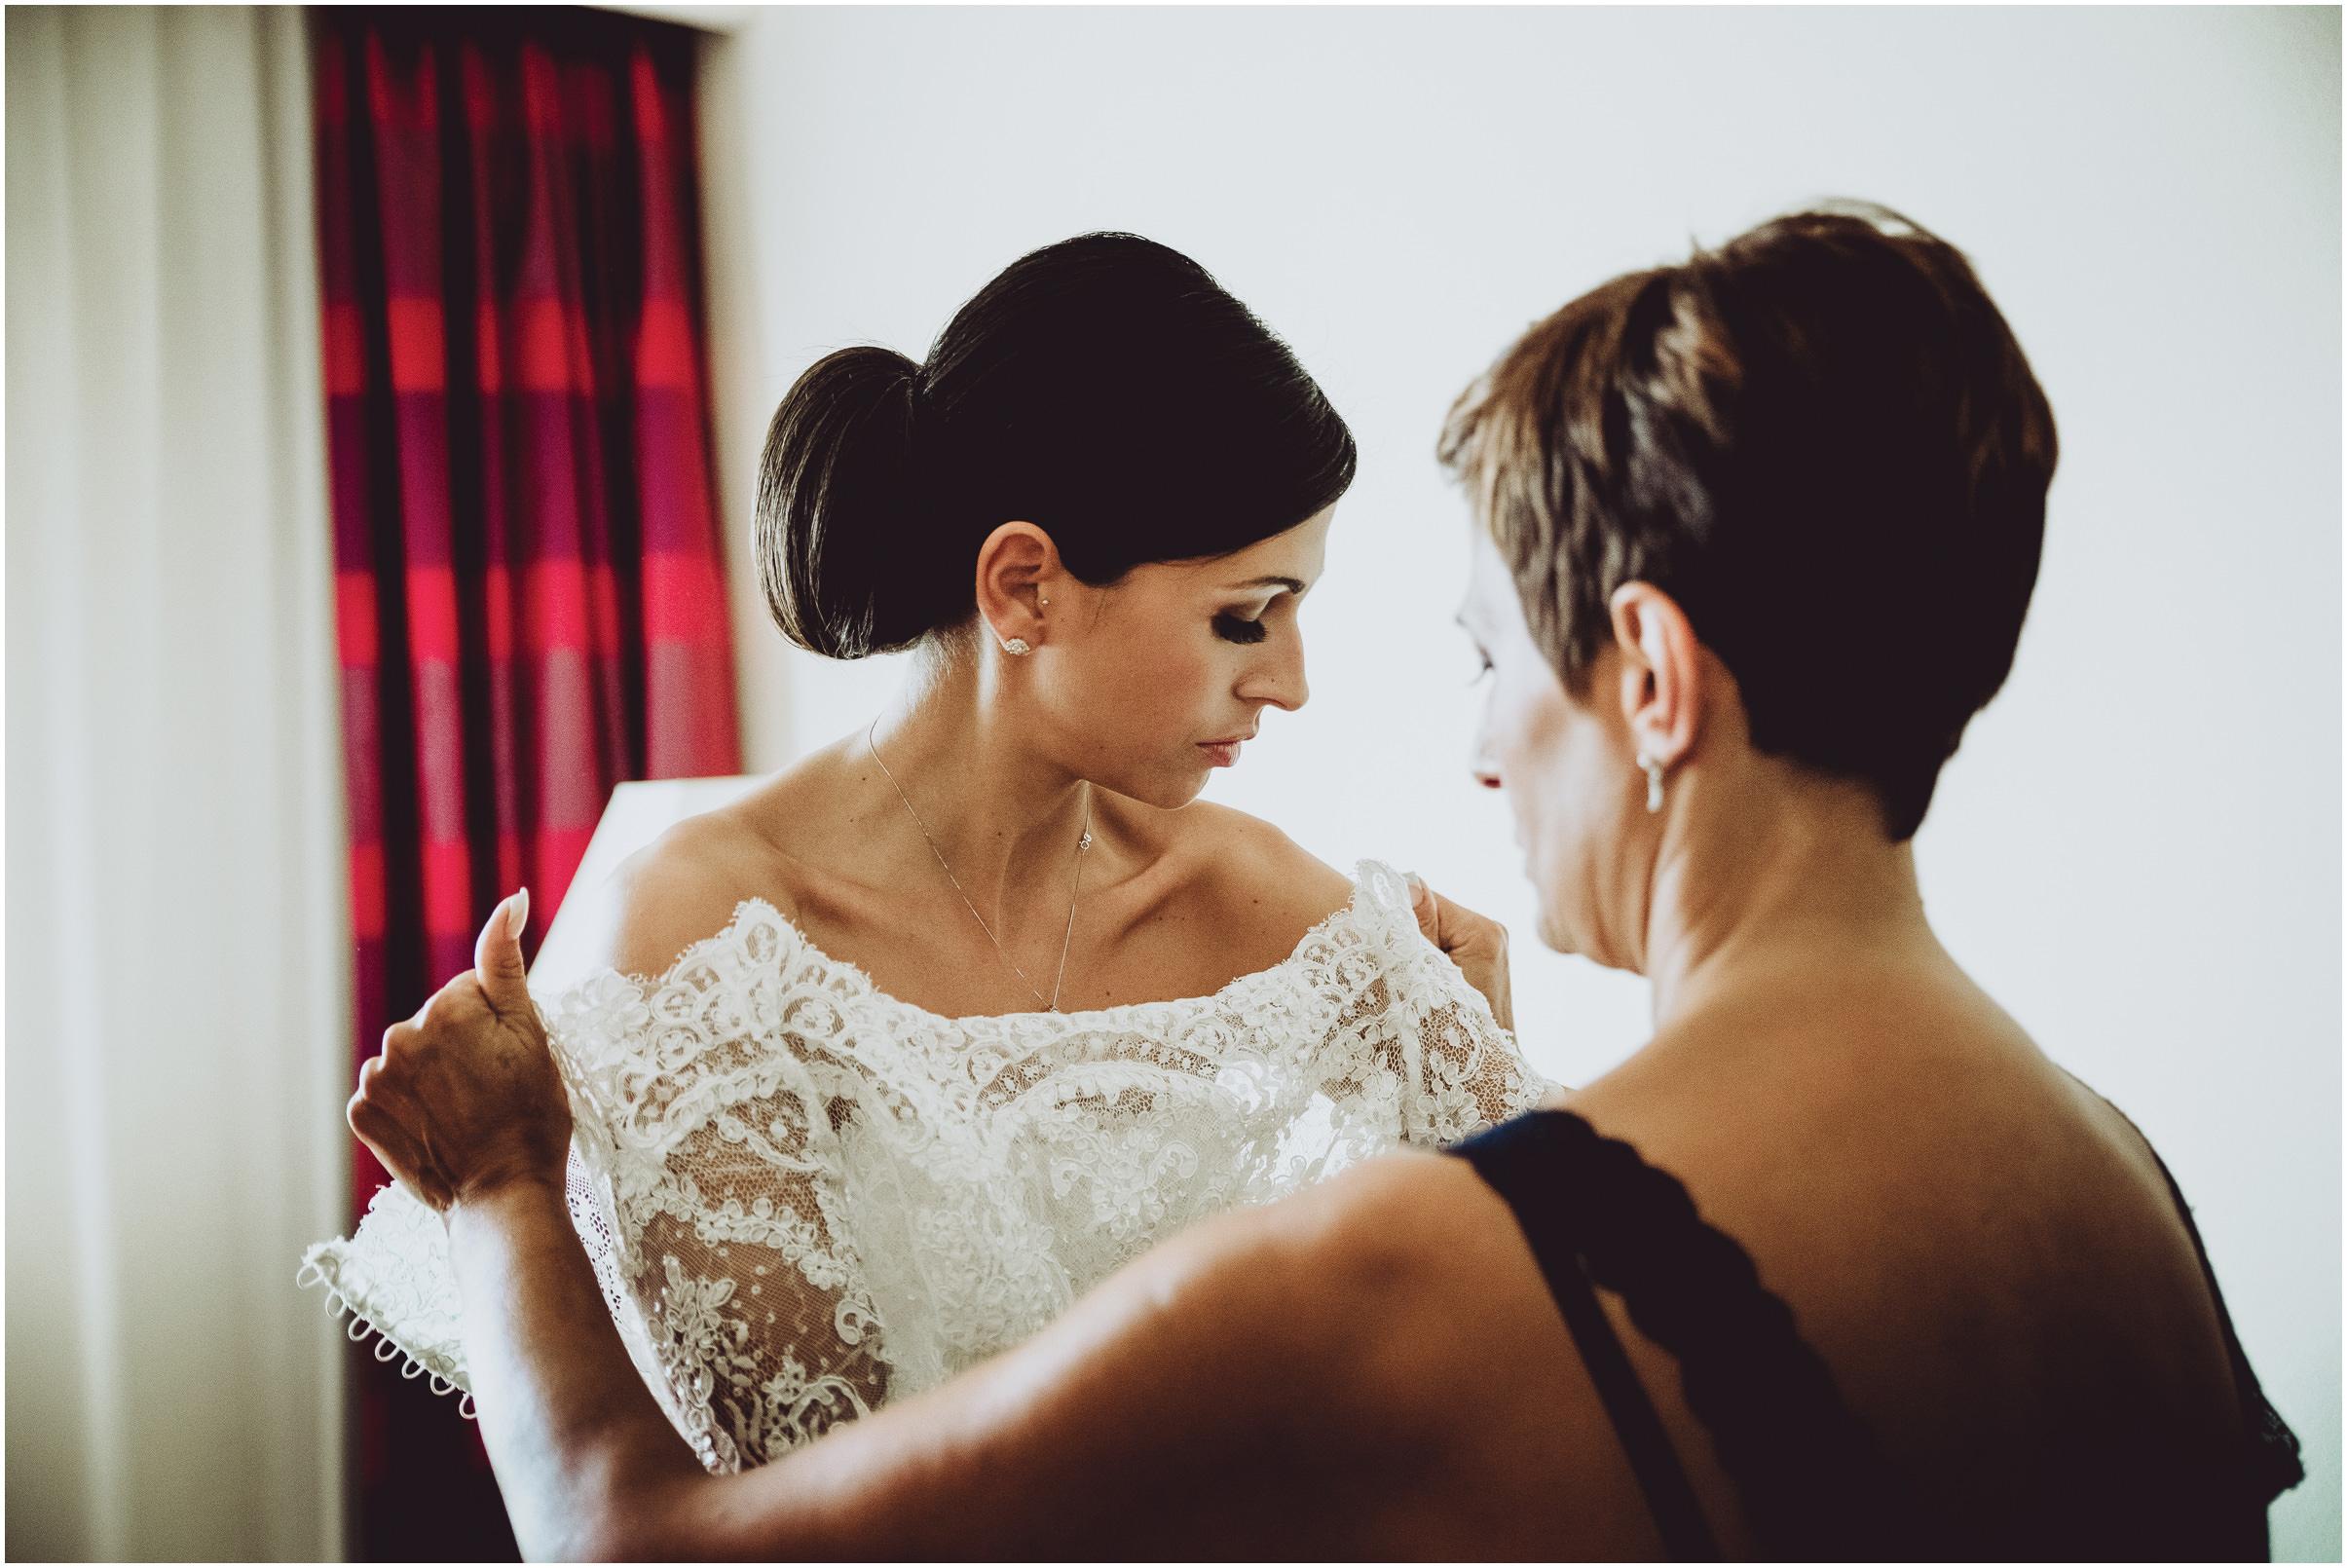 WEDDING-PHOTOGRAPHY-SARA-LORENZONI-FOTOGRAFIA-MATRIMONIO-AREZZO-TUSCANY-EVENTO-LE-SPOSE-DI-GIANNI-ELISA-LUCA009